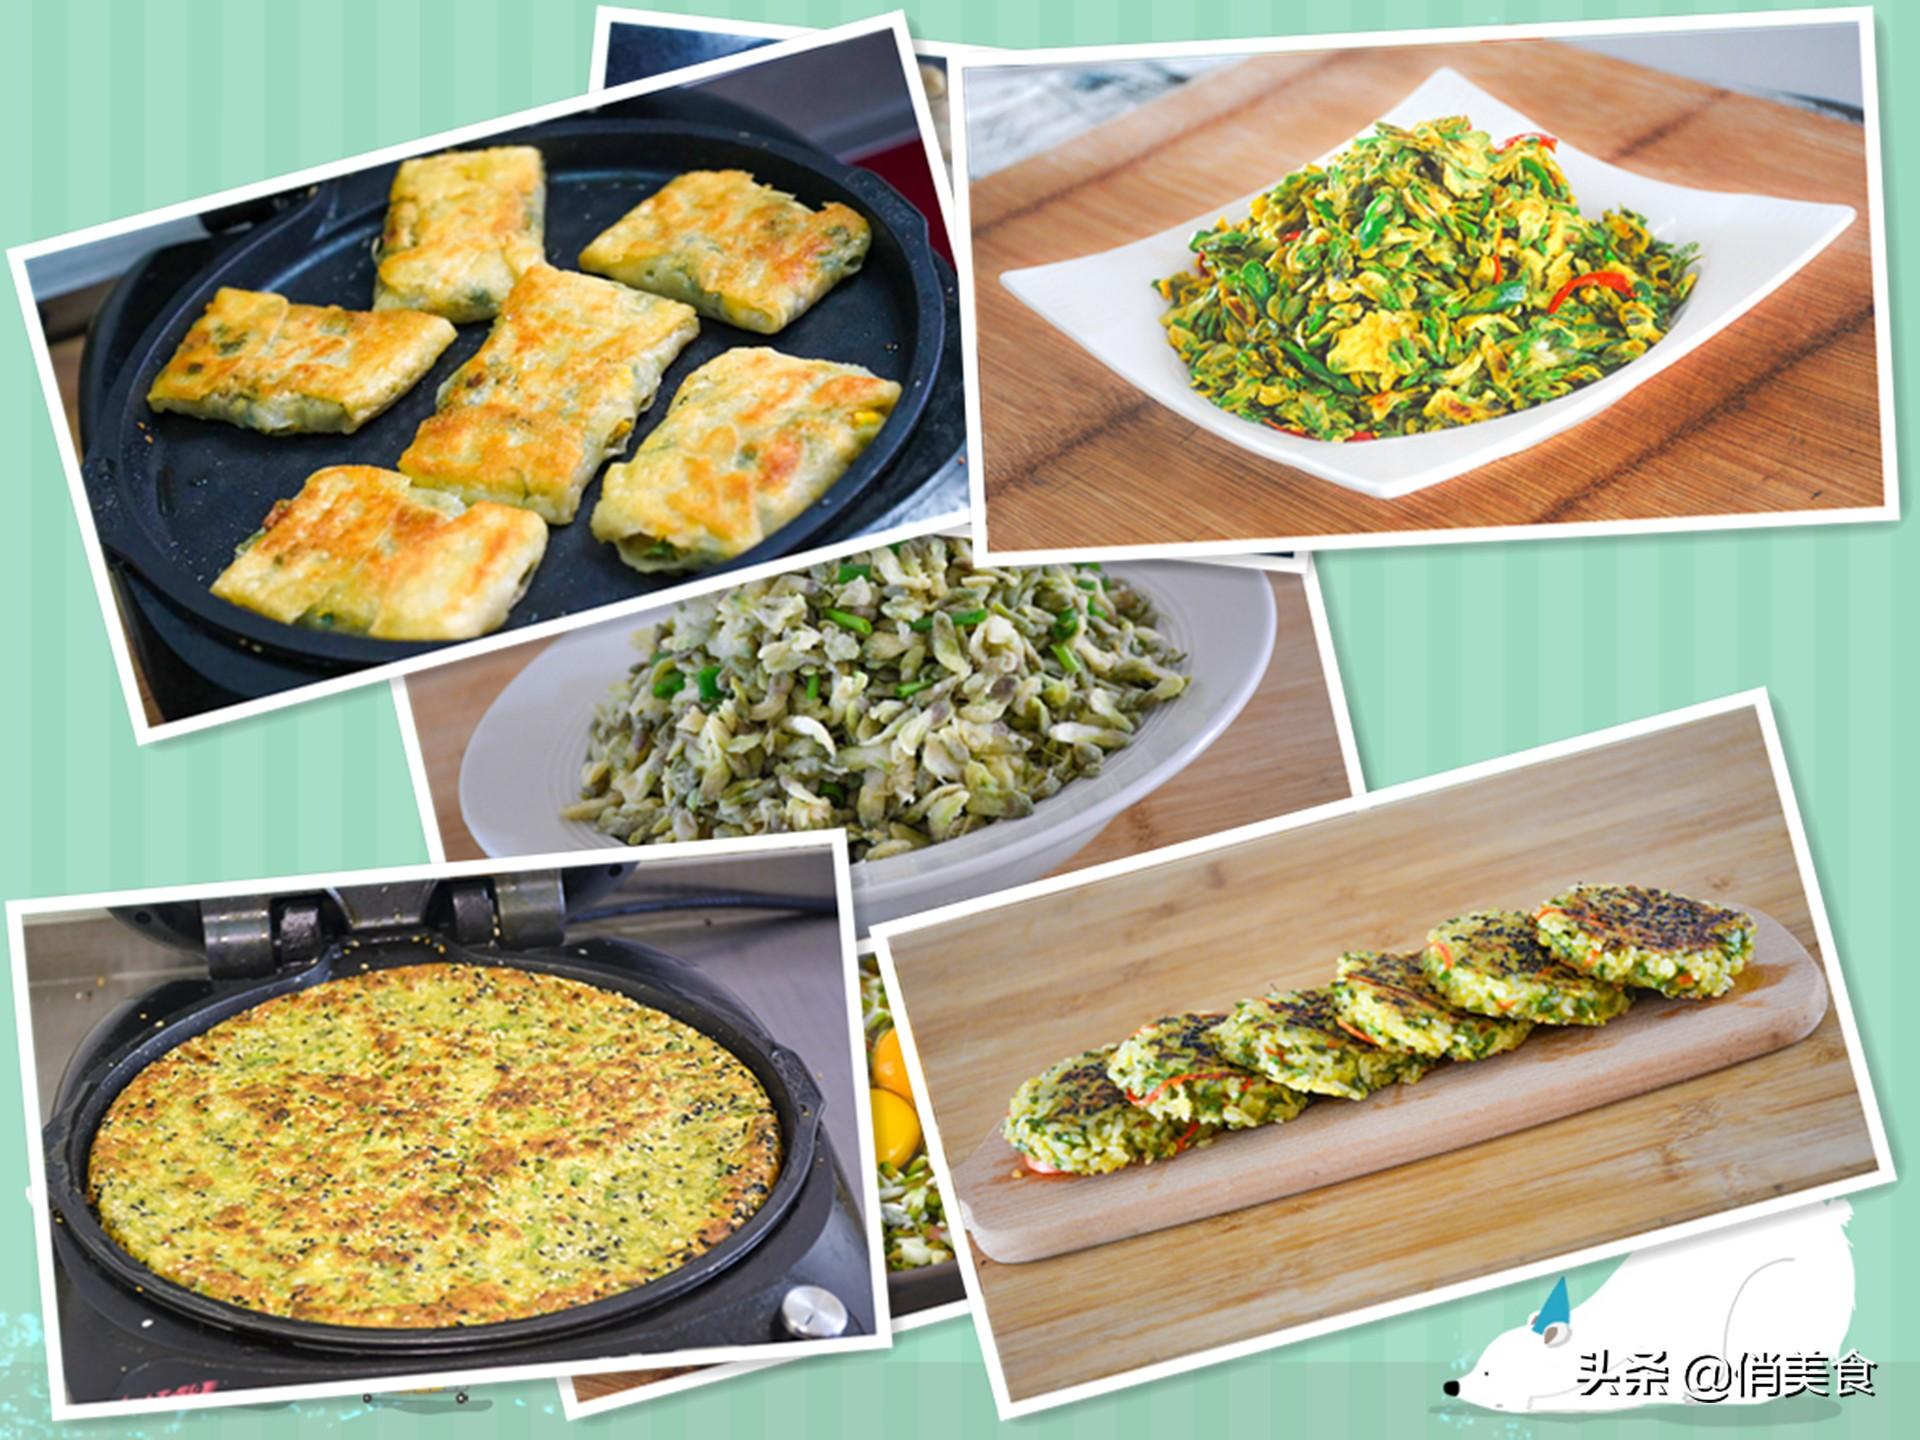 四月槐花香,清火又养颜,最美味的6款做法,一个比一个好吃 美食做法 第2张